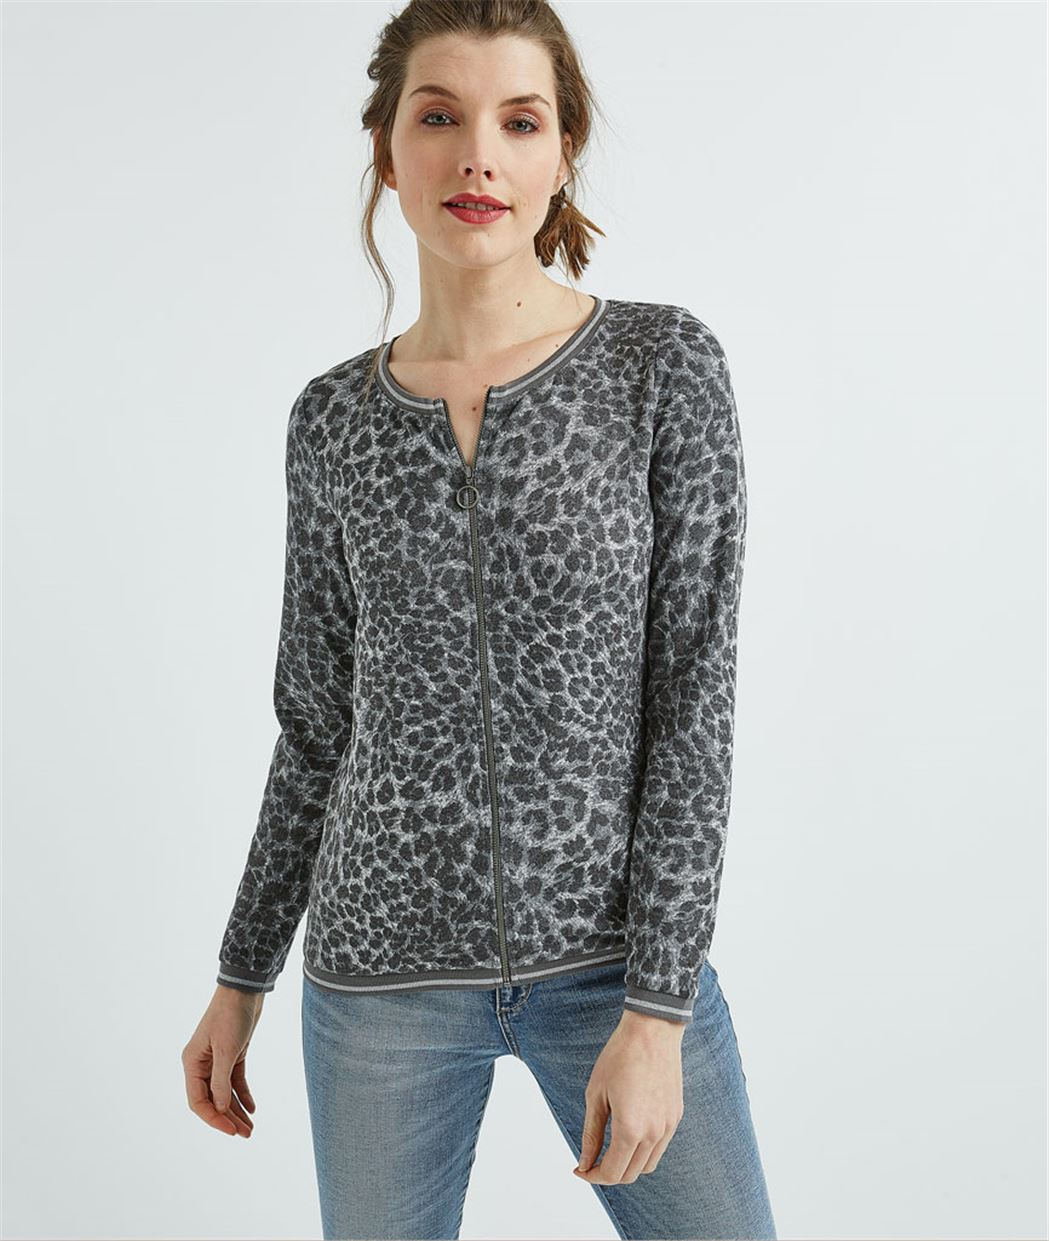 Gilet femme imprimé léopard zippé GRIS